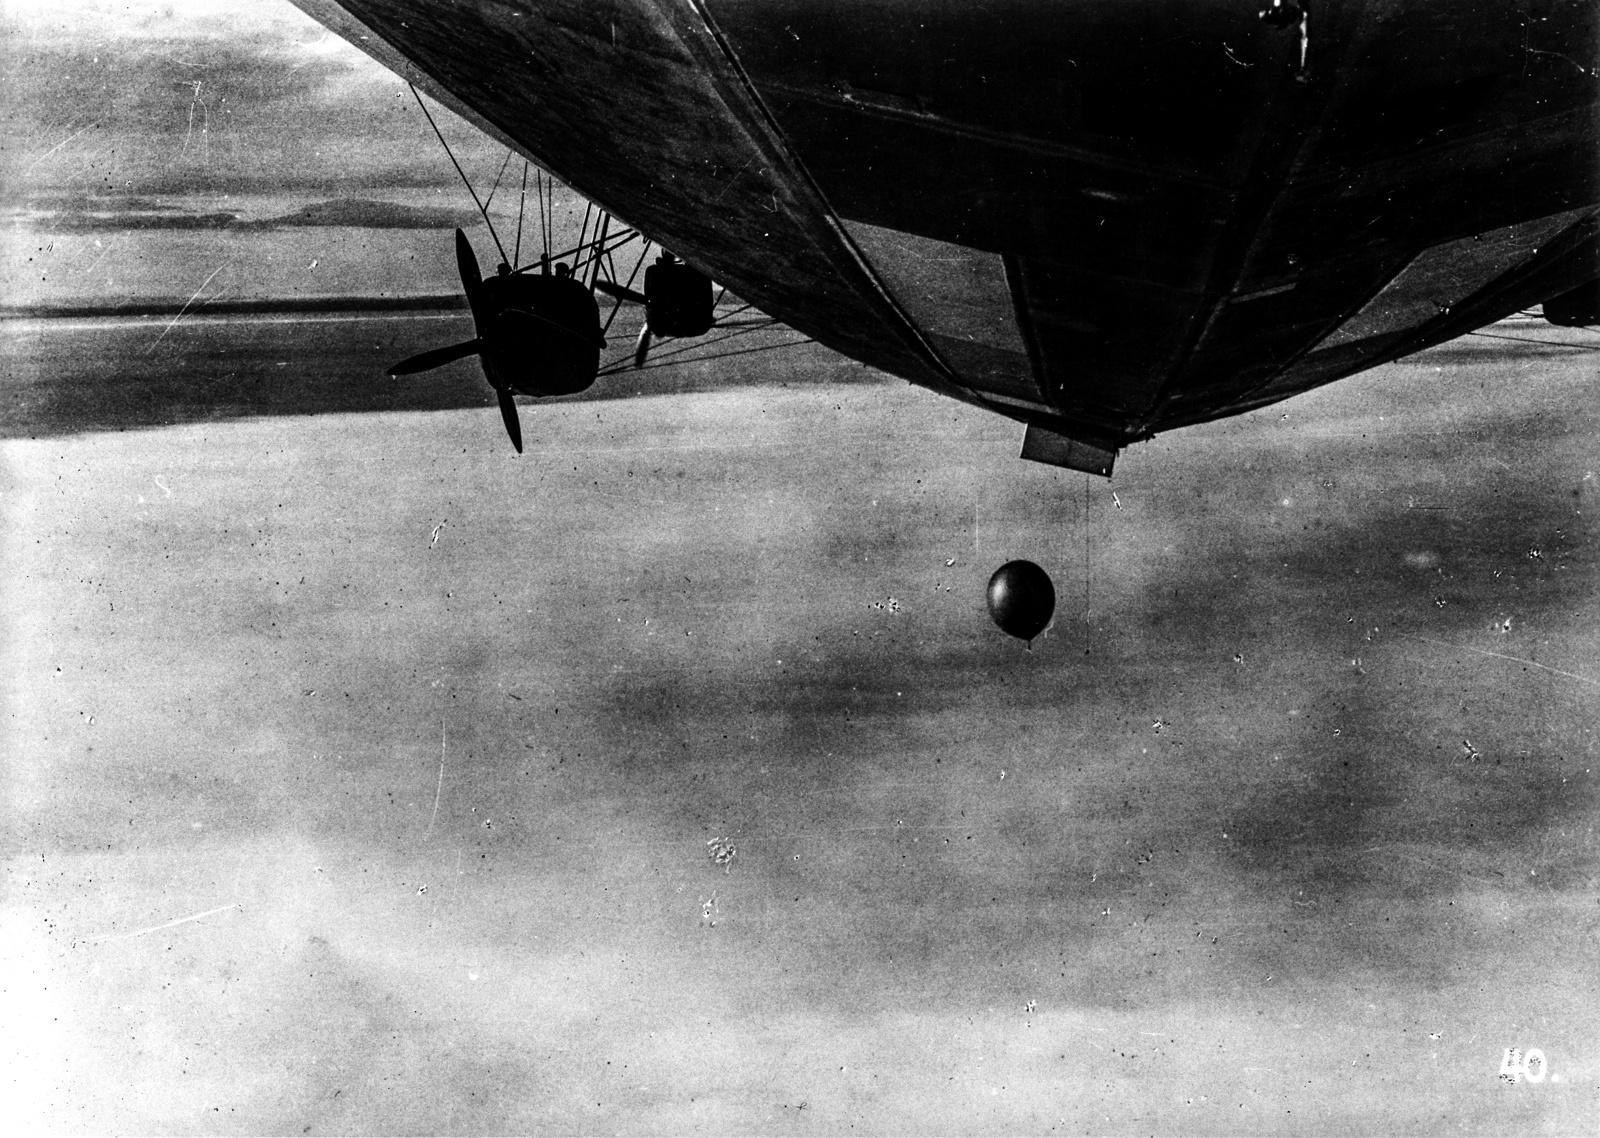 """28 июля 1931 года, 11:10. Запуск радиозонда с """"Графа Цеппелина"""""""